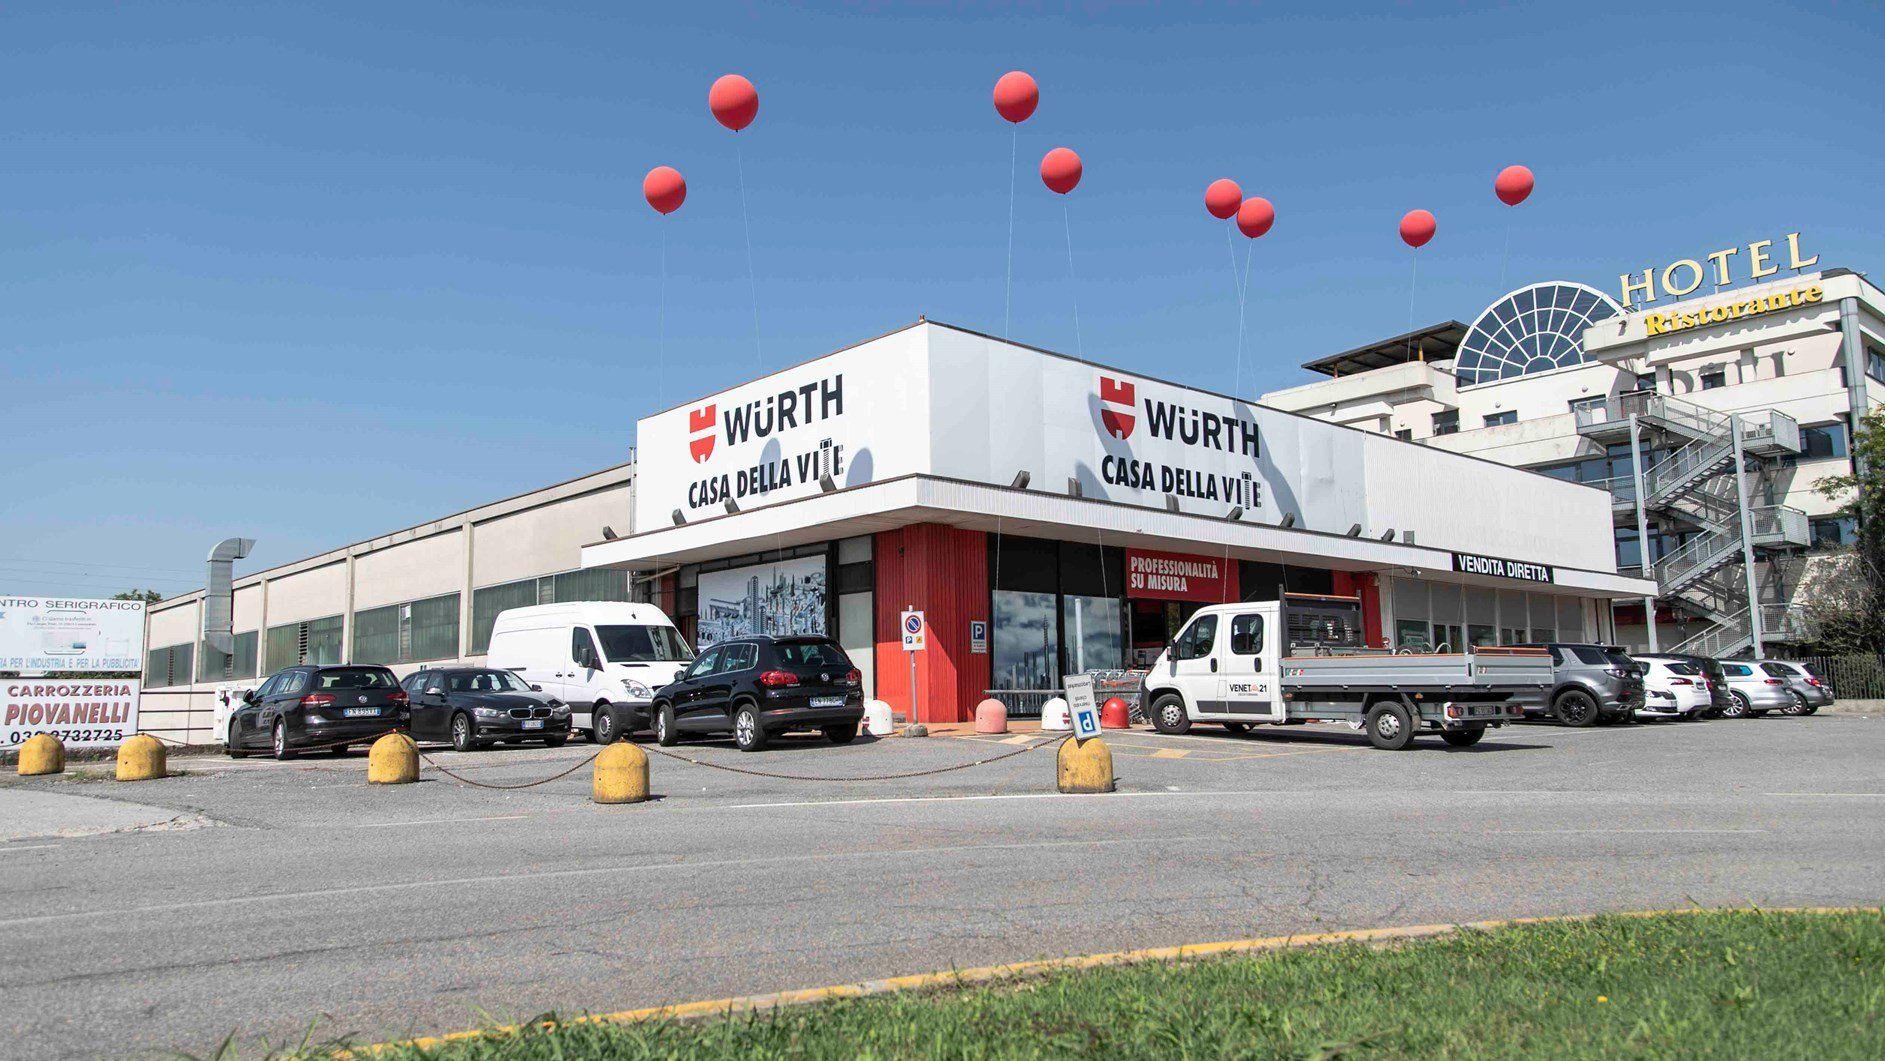 Inaugurata la prima 'Casa della Vite' di Würth Italia